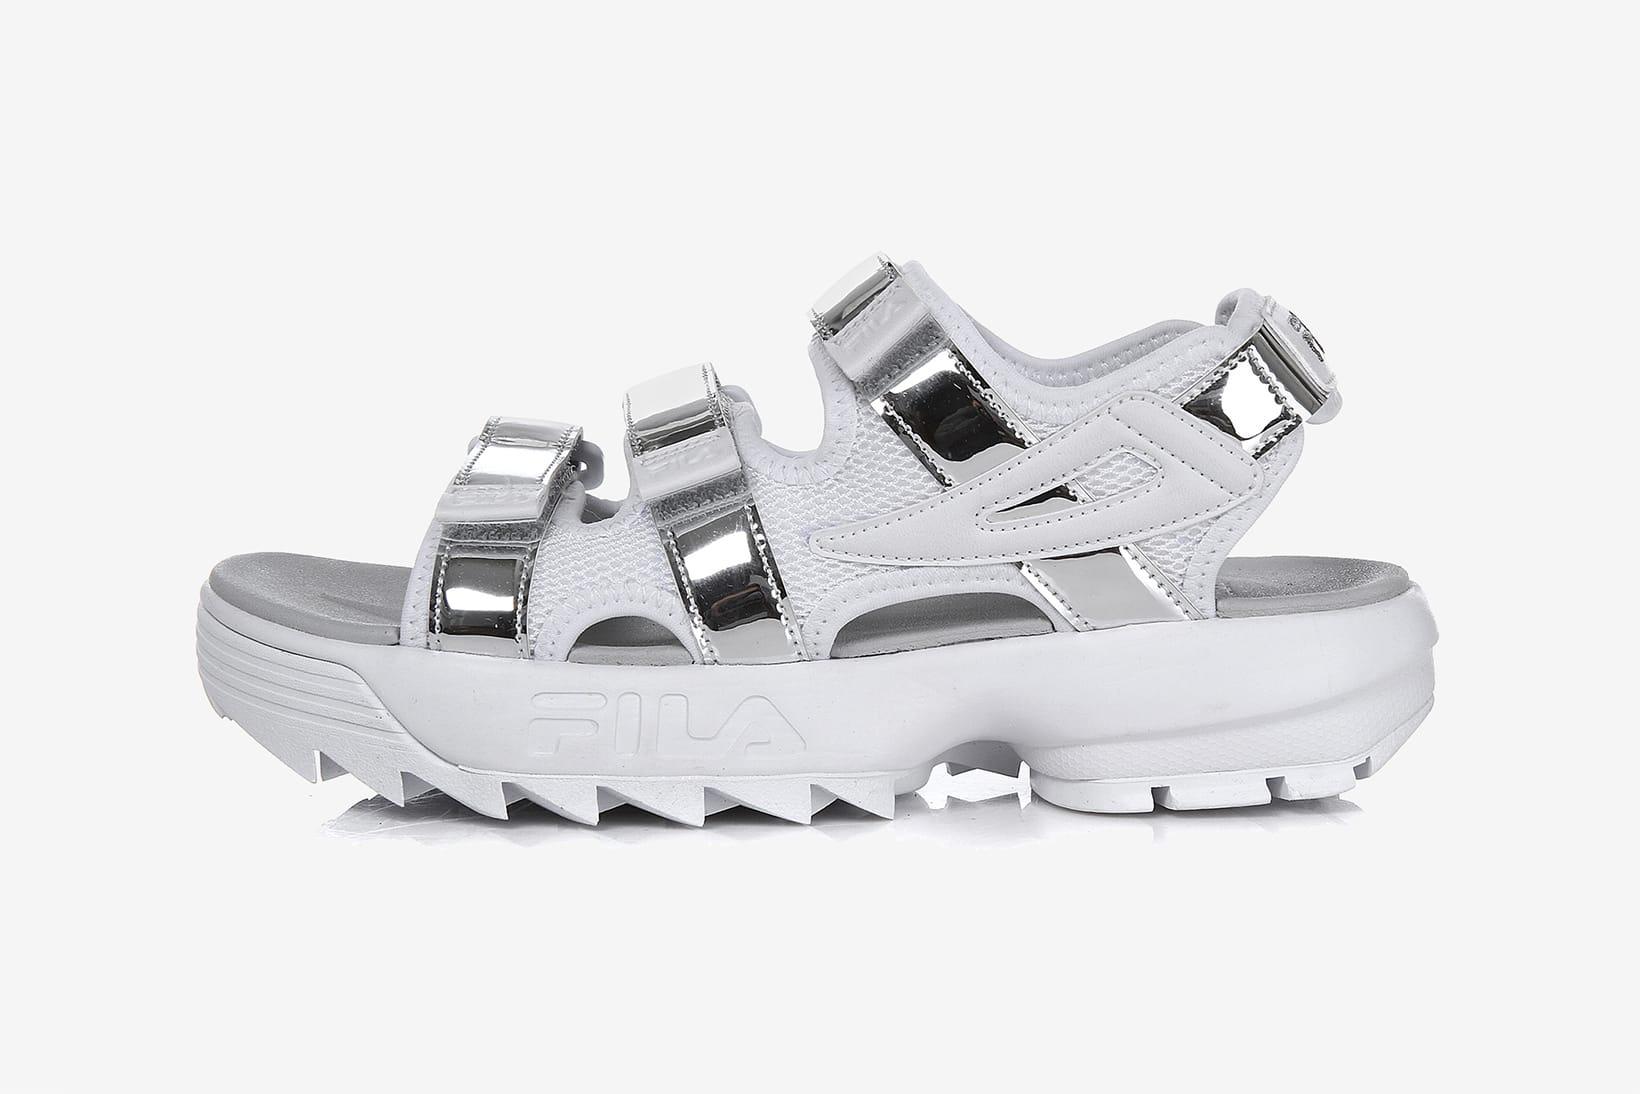 fila sandals disruptor 2